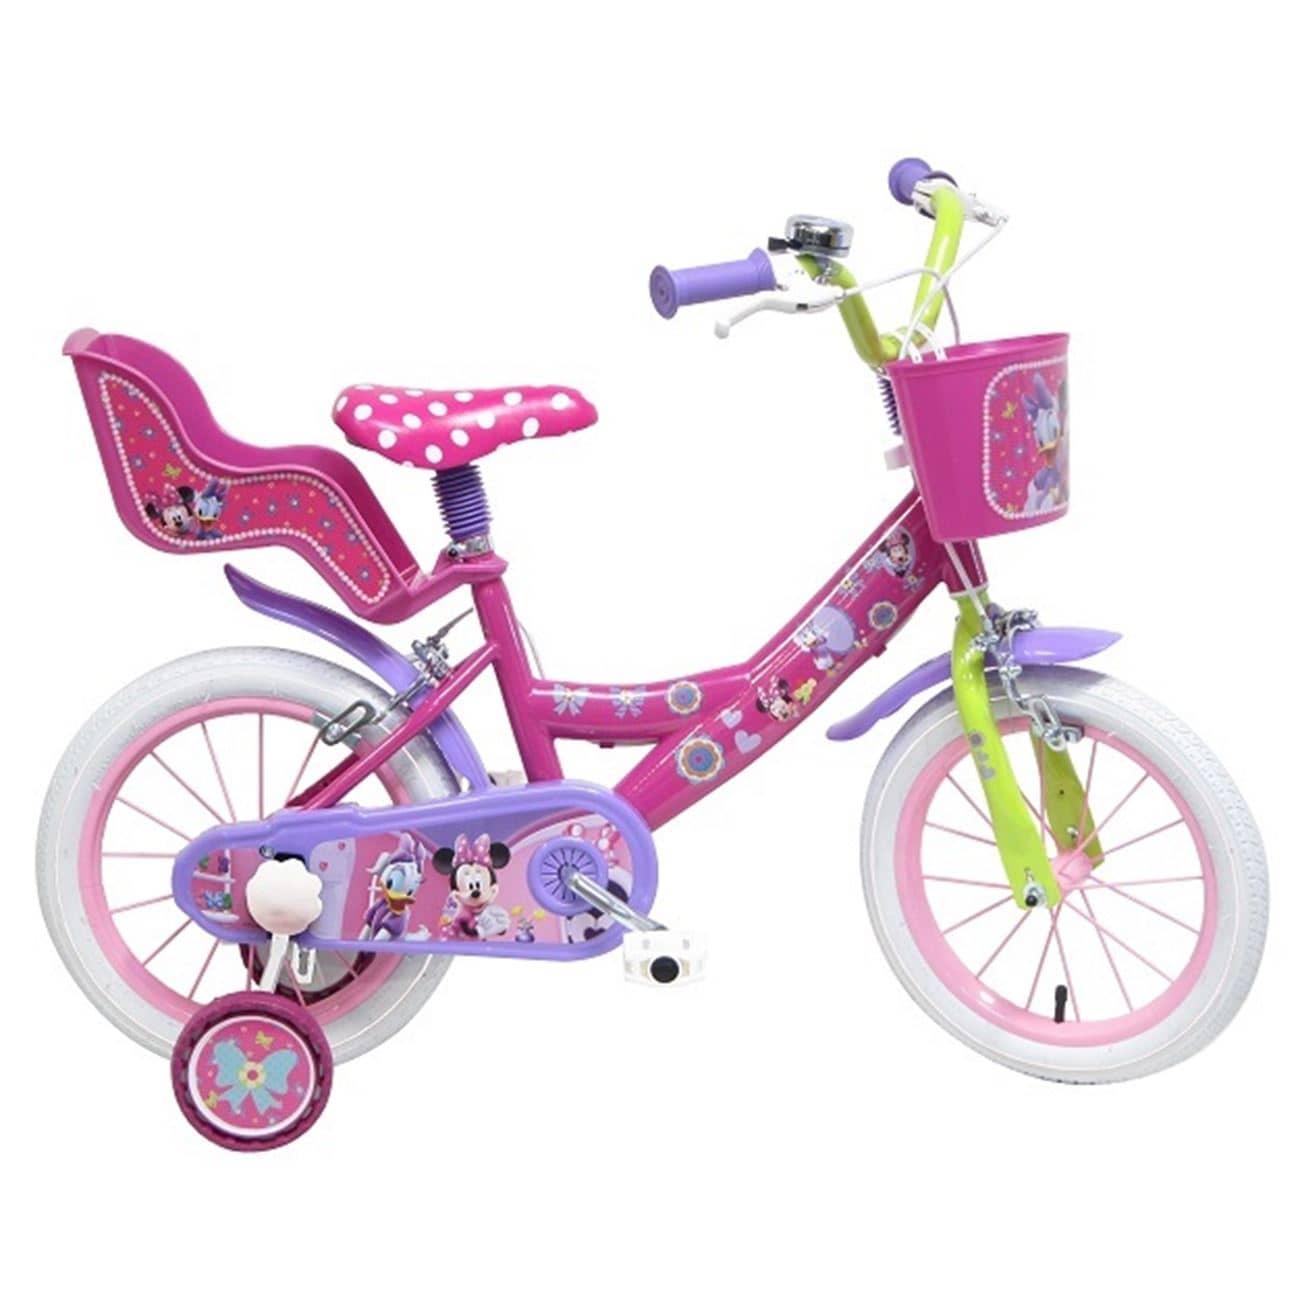 """Παιδικό Ποδήλατο 16"""" Mbm - Ποδήλατα"""